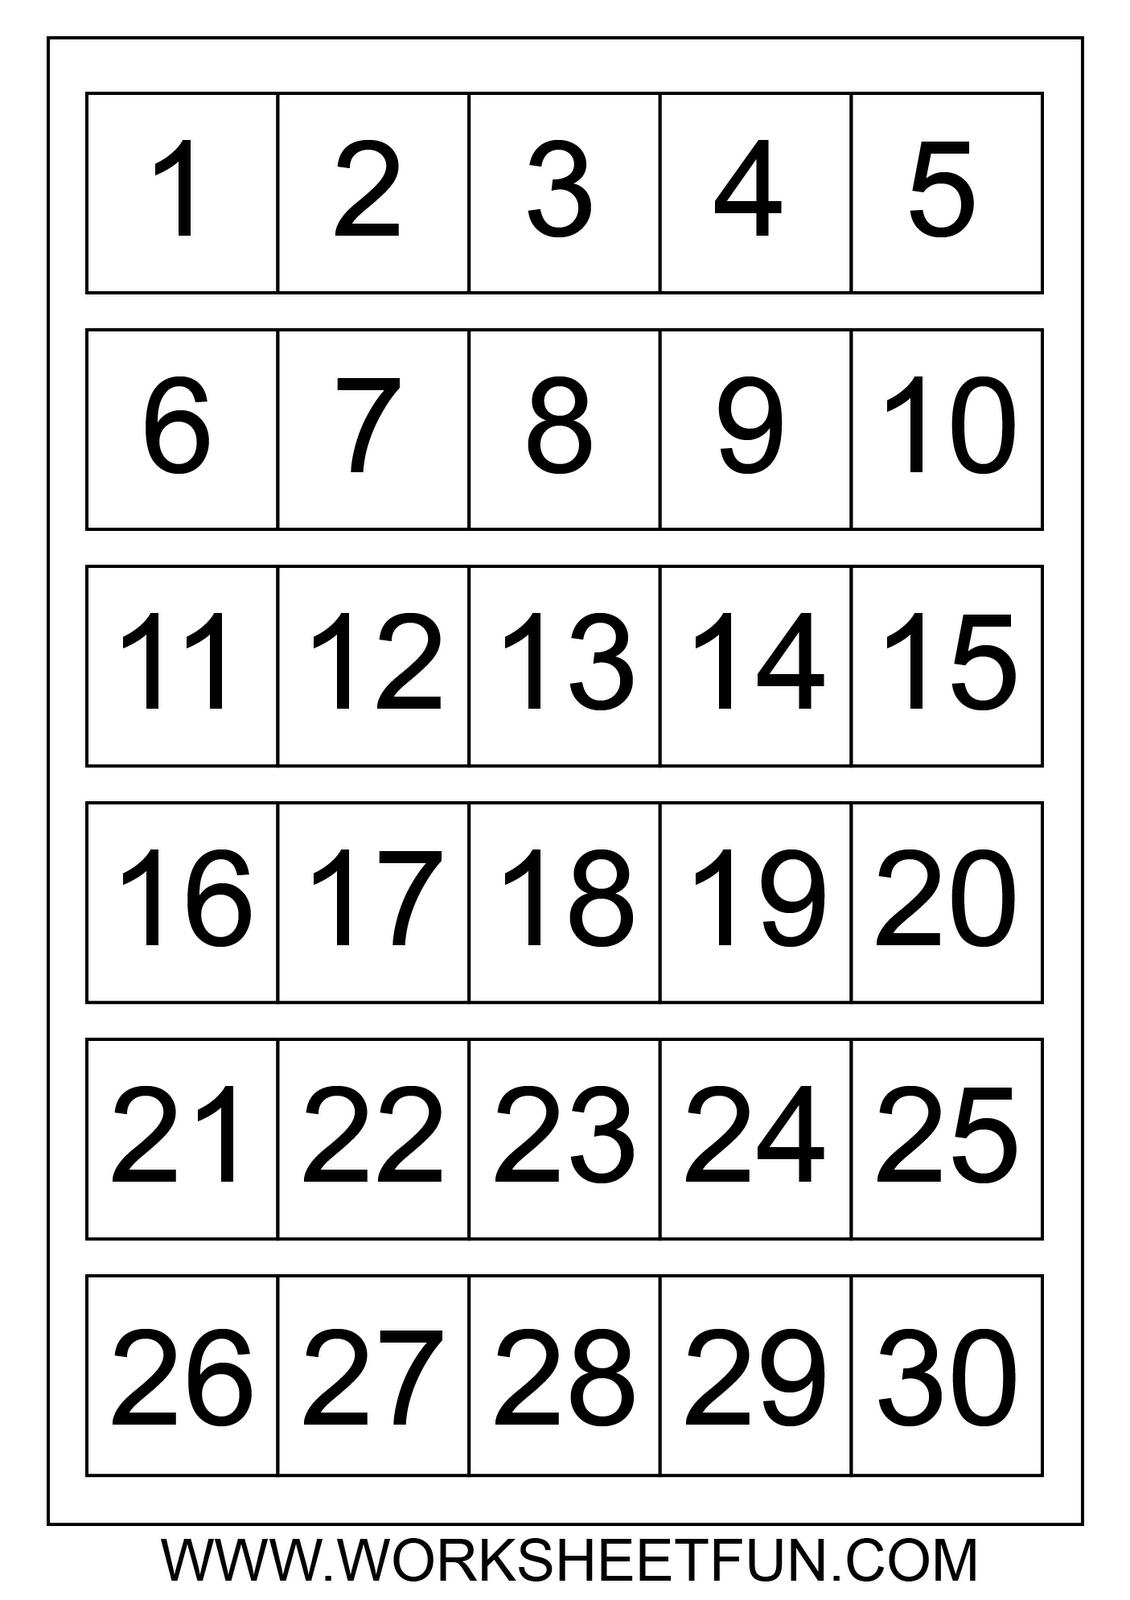 Printable Calendar Numbers 1 31 Free Calendar Printable Template pertaining to Free Template Printable Calendar Numbers